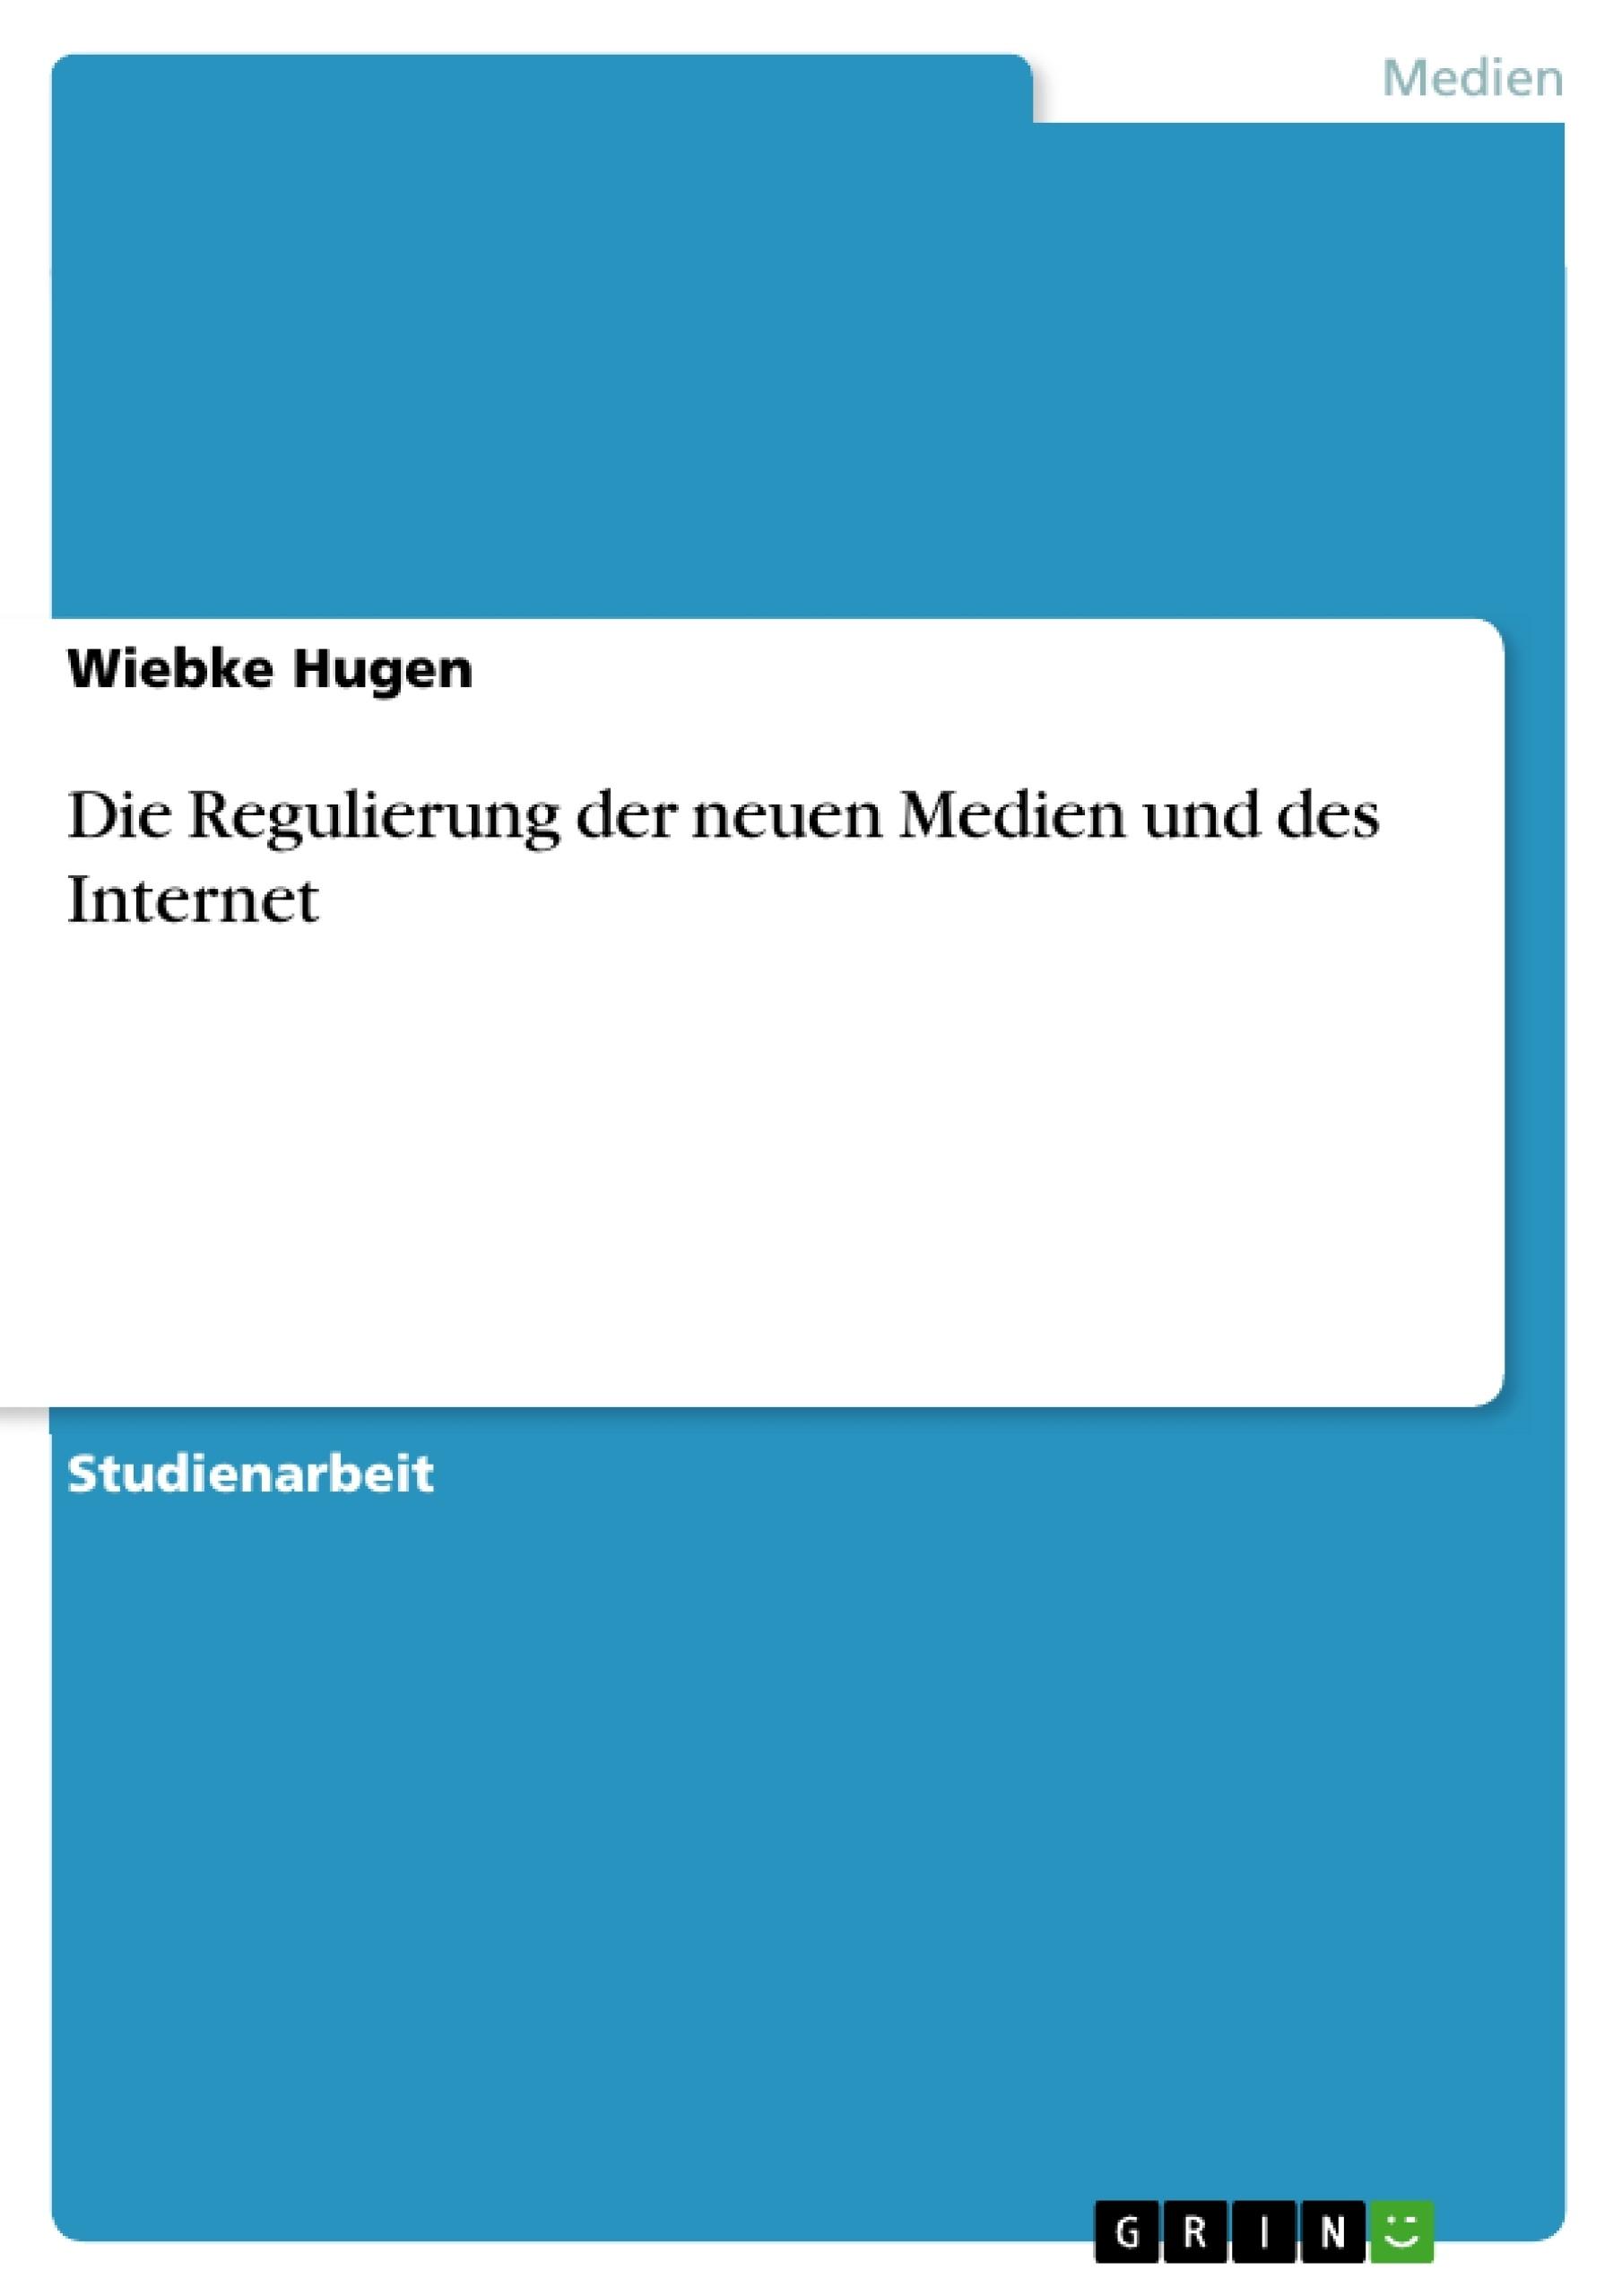 Titel: Die Regulierung der neuen Medien und des Internet